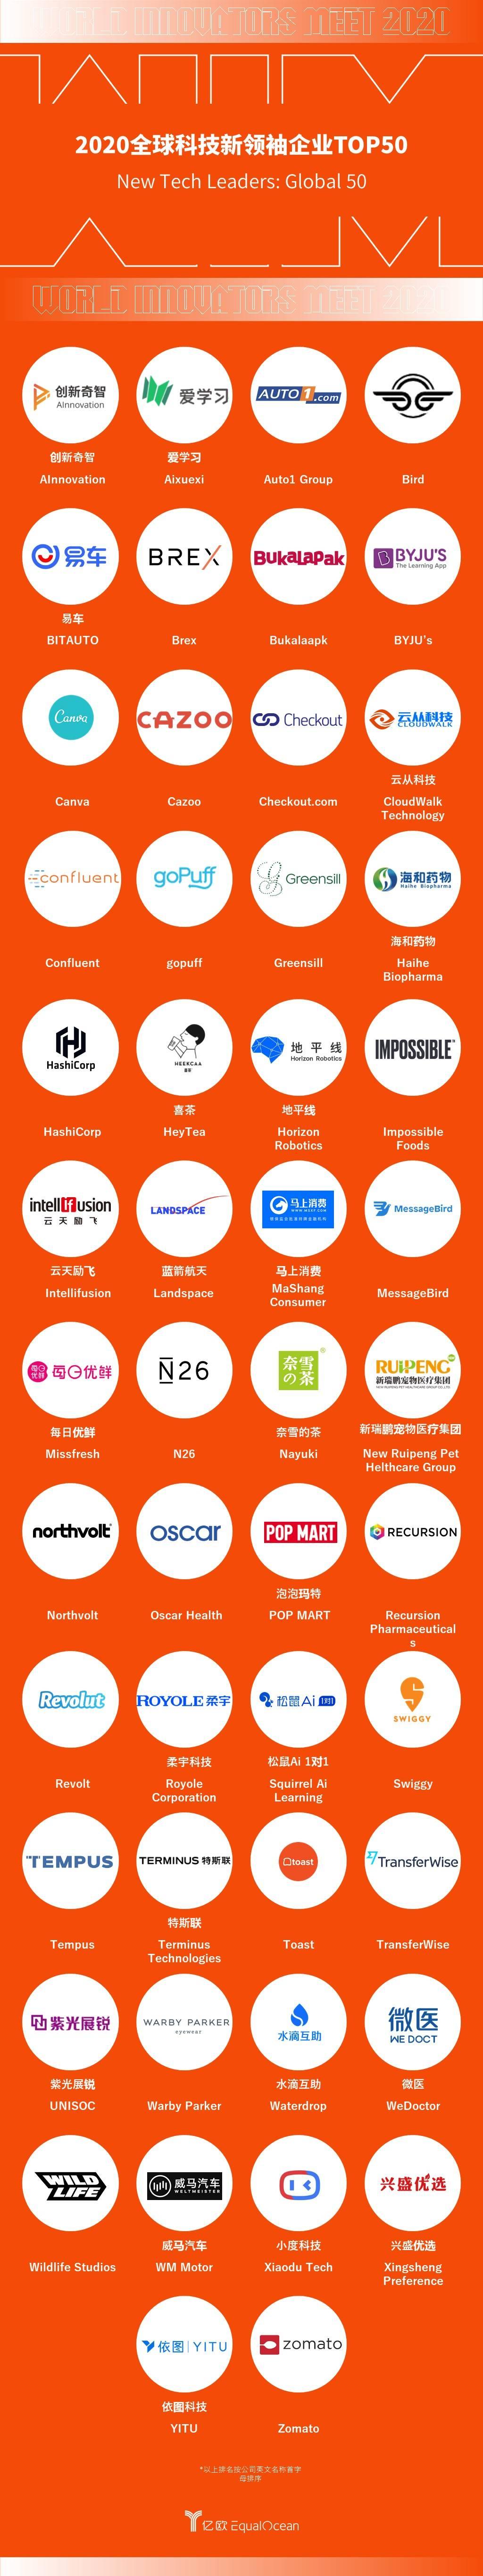 榜单TOP50-公司logo长图.jpg.jpg